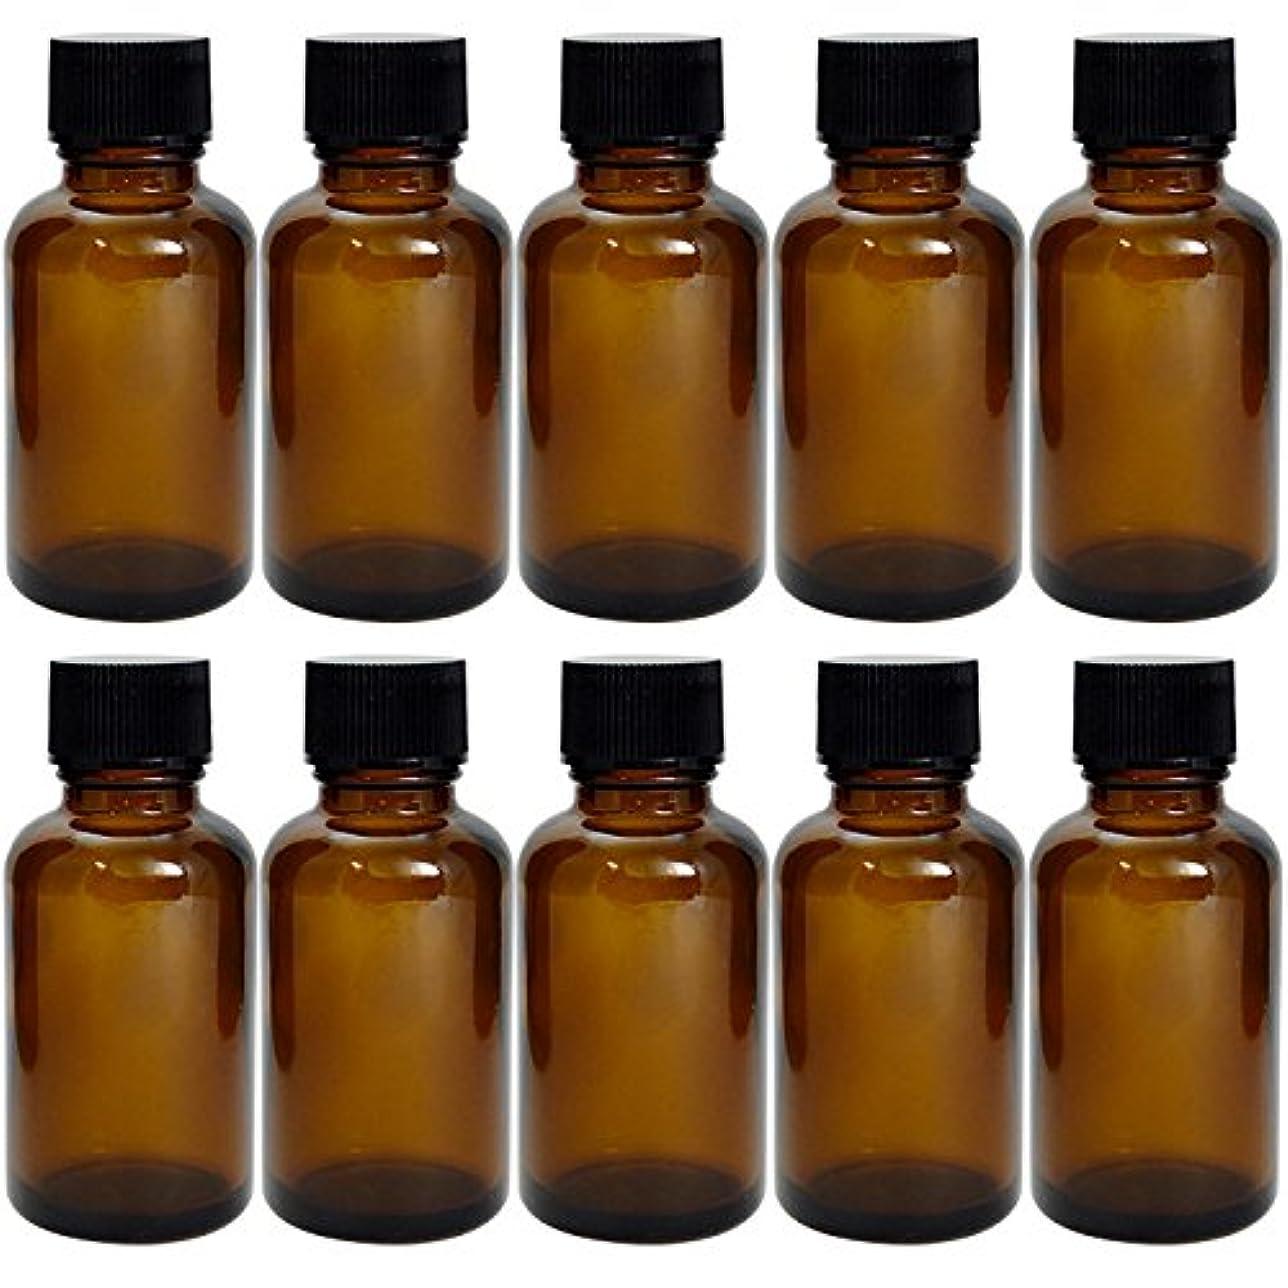 広範囲に流用する悔い改める遮光瓶 茶 30cc SYA-T30cc -10本セット- (黒CAPのみ)